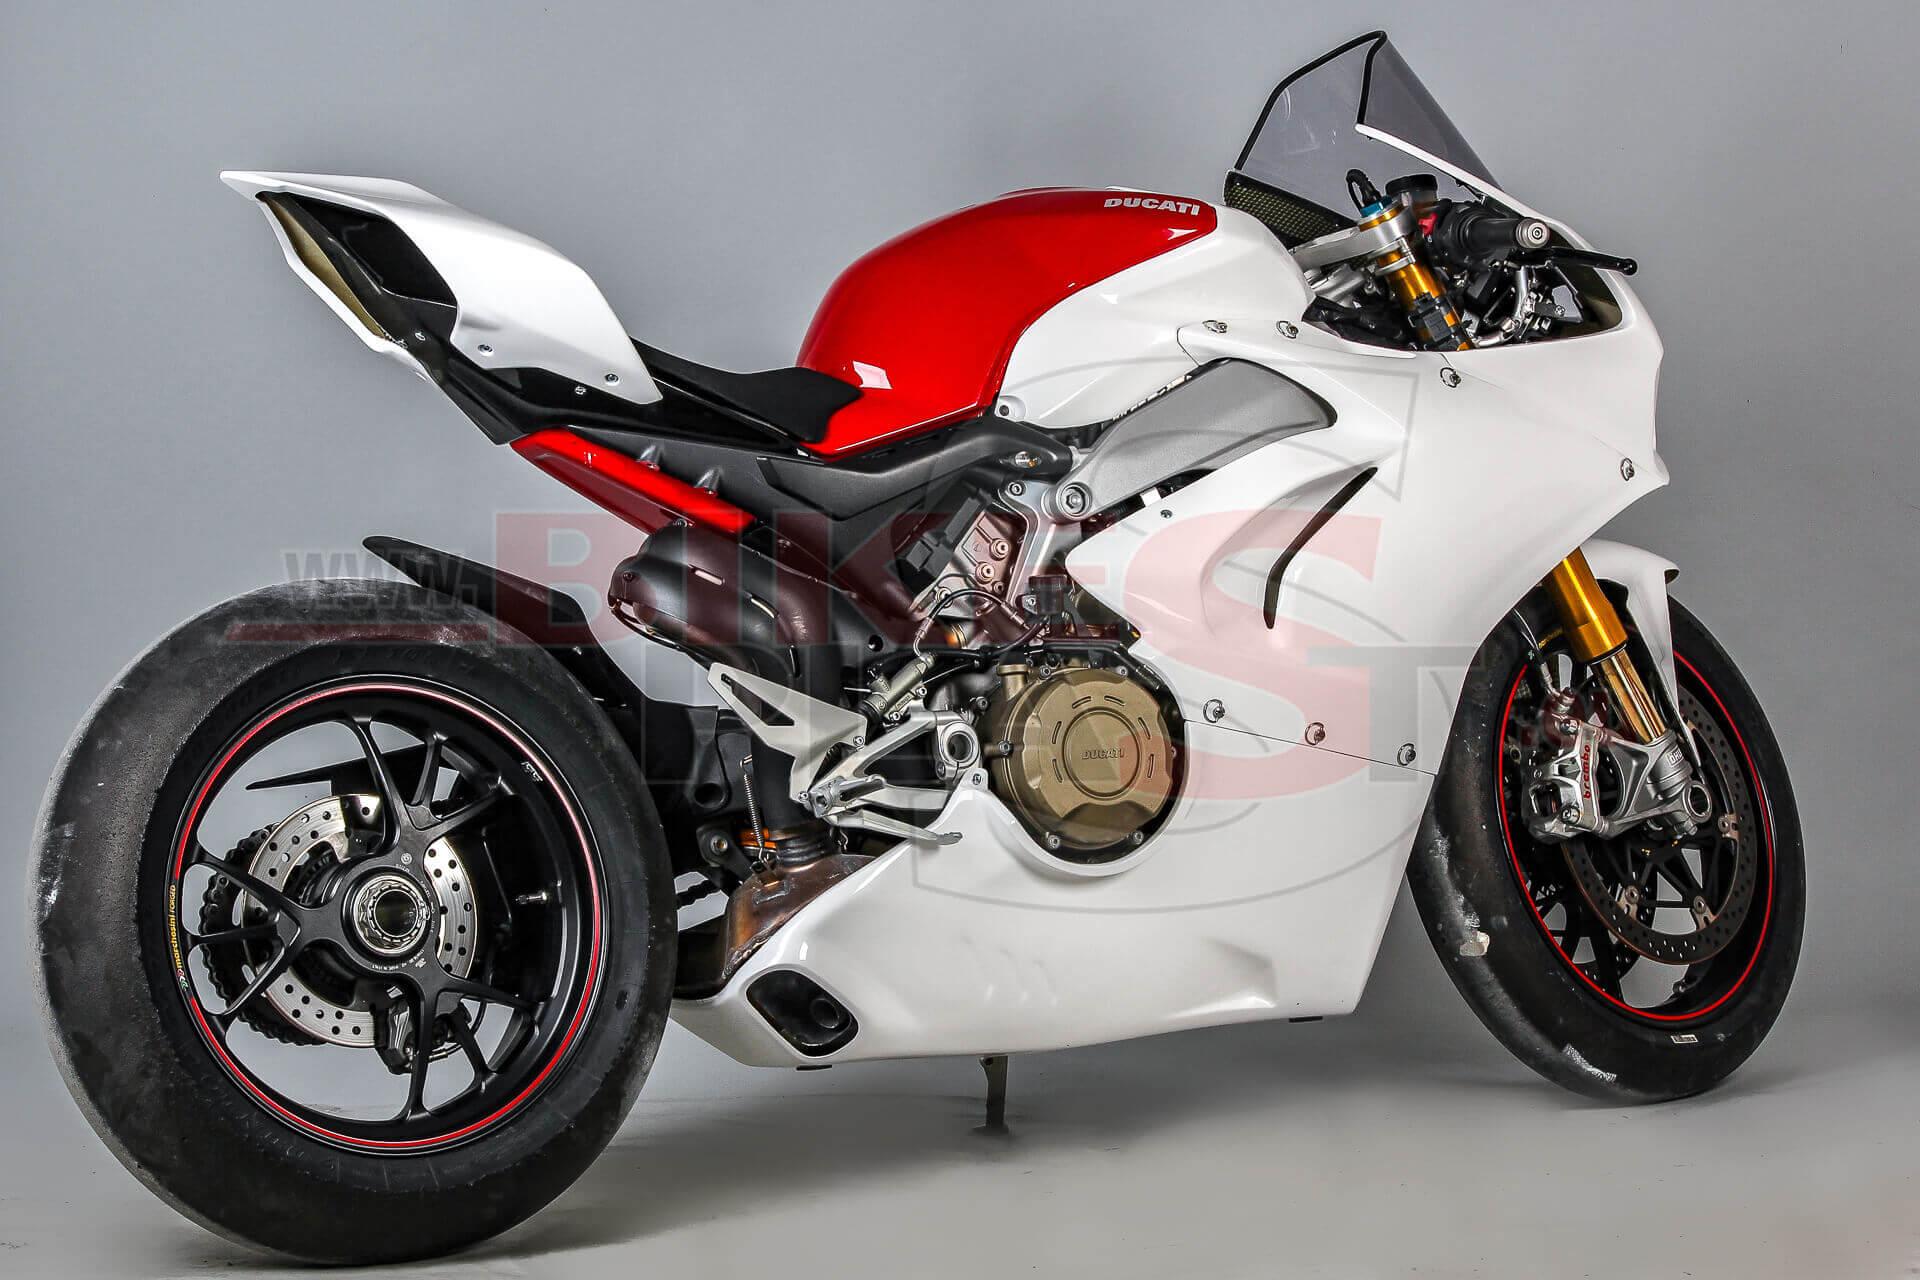 1998 R1 >> Full Kit Fairings – Ducati V4 2018 – Bikesplast.com